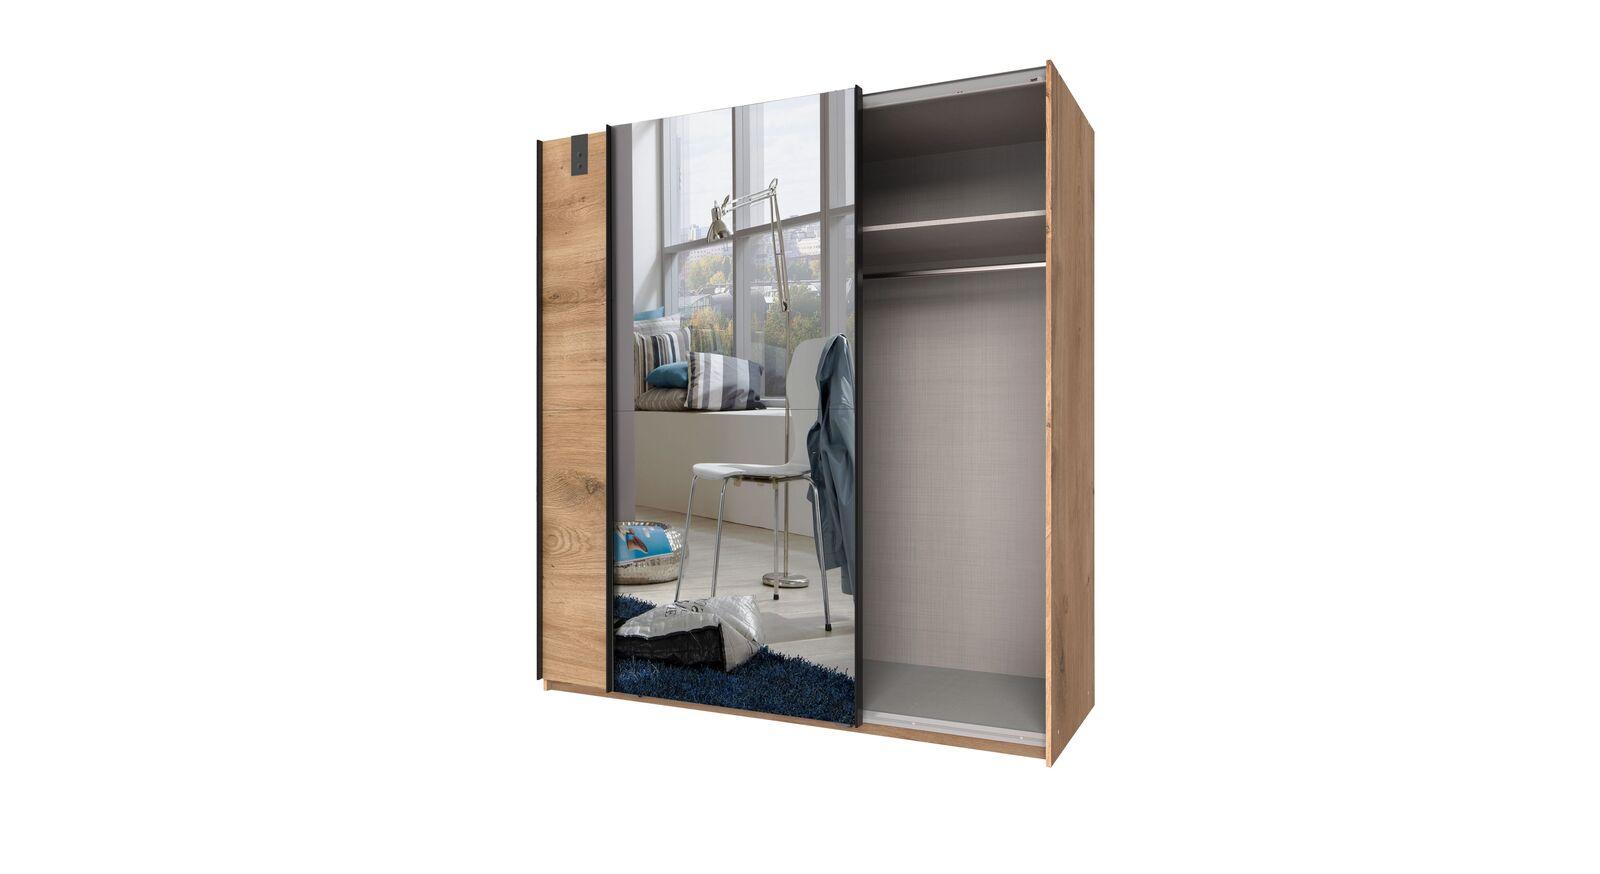 Spiegel-Schwebetüren-Kleiderschrank Nolan mit praktischer Inneneinteilung